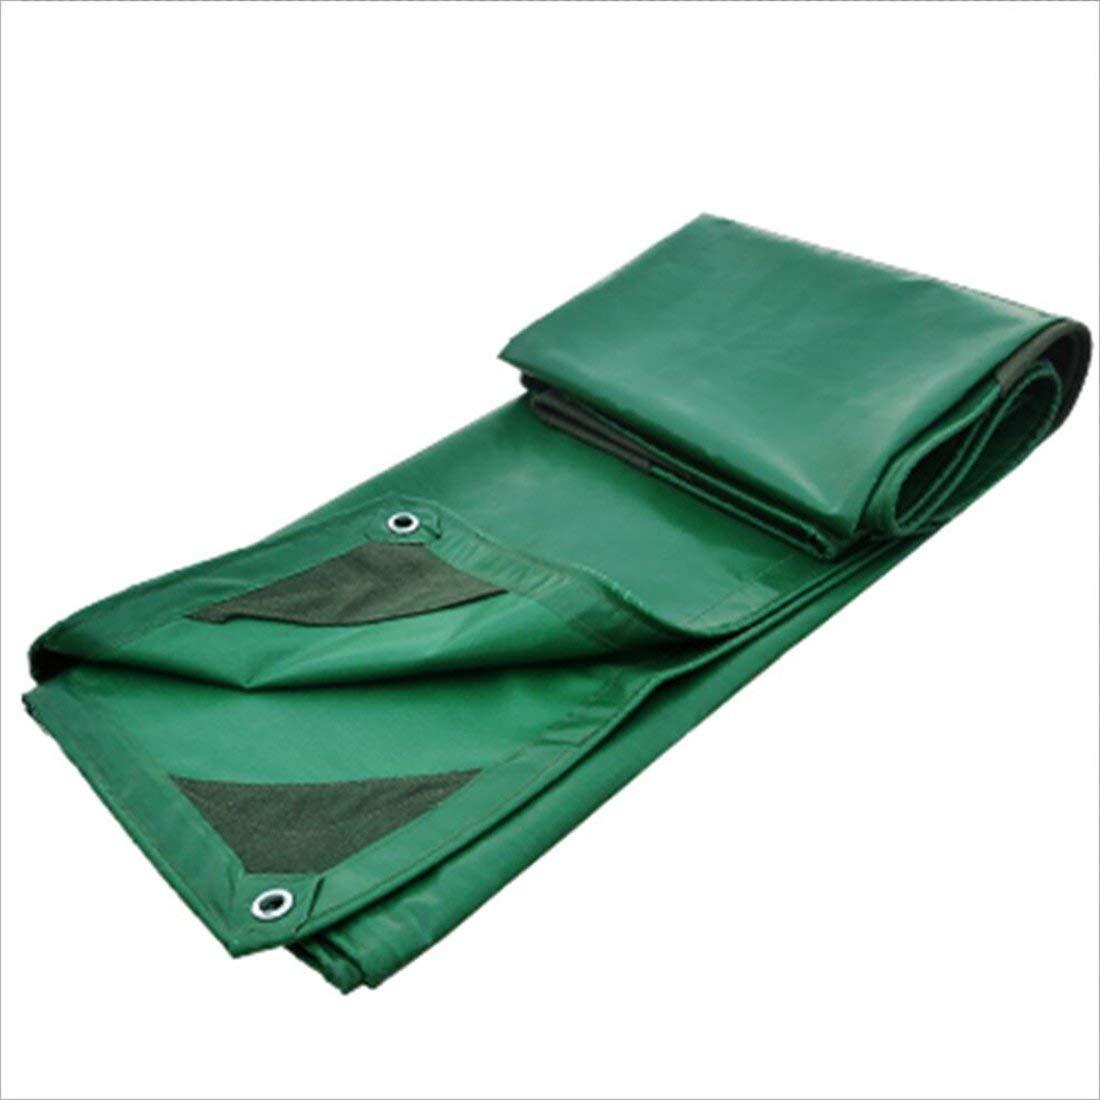 【2019正規激安】 レインクロス、防水 4M)、防塵、耐摩耗性、日焼け止め、防水シート、縁取りおよびコーナークロス (Color Green : Green, Green, サイズ : 3M × 4M) 3M × 4M Green B07P785GPJ, アシカリチョウ:ce1a792f --- ciadaterra.com